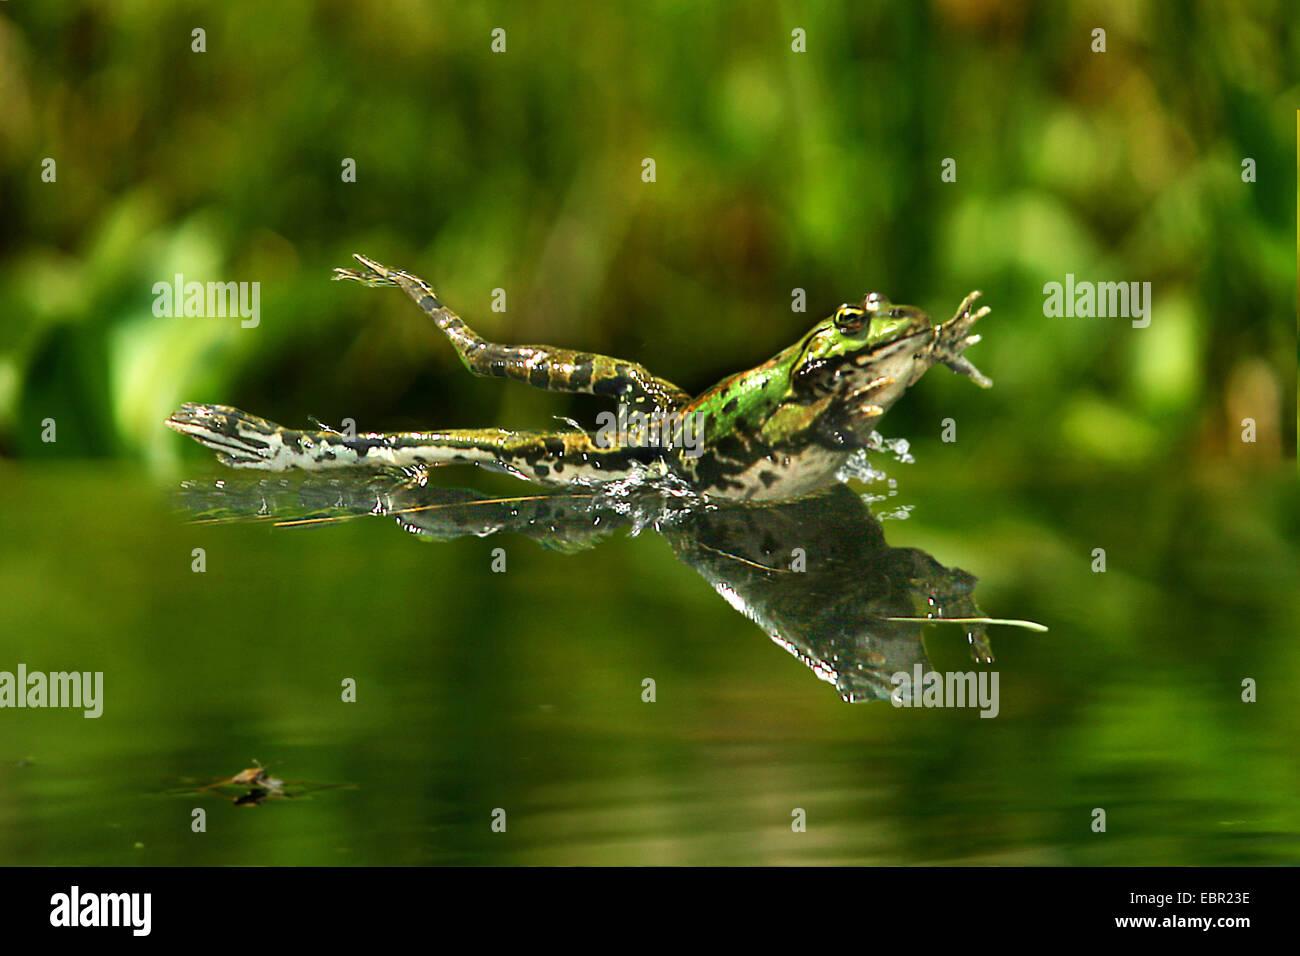 European edible frog, common edible frog (Rana kl. esculenta, Rana esculenta, Pelophylax esculentus), jumping into - Stock Image